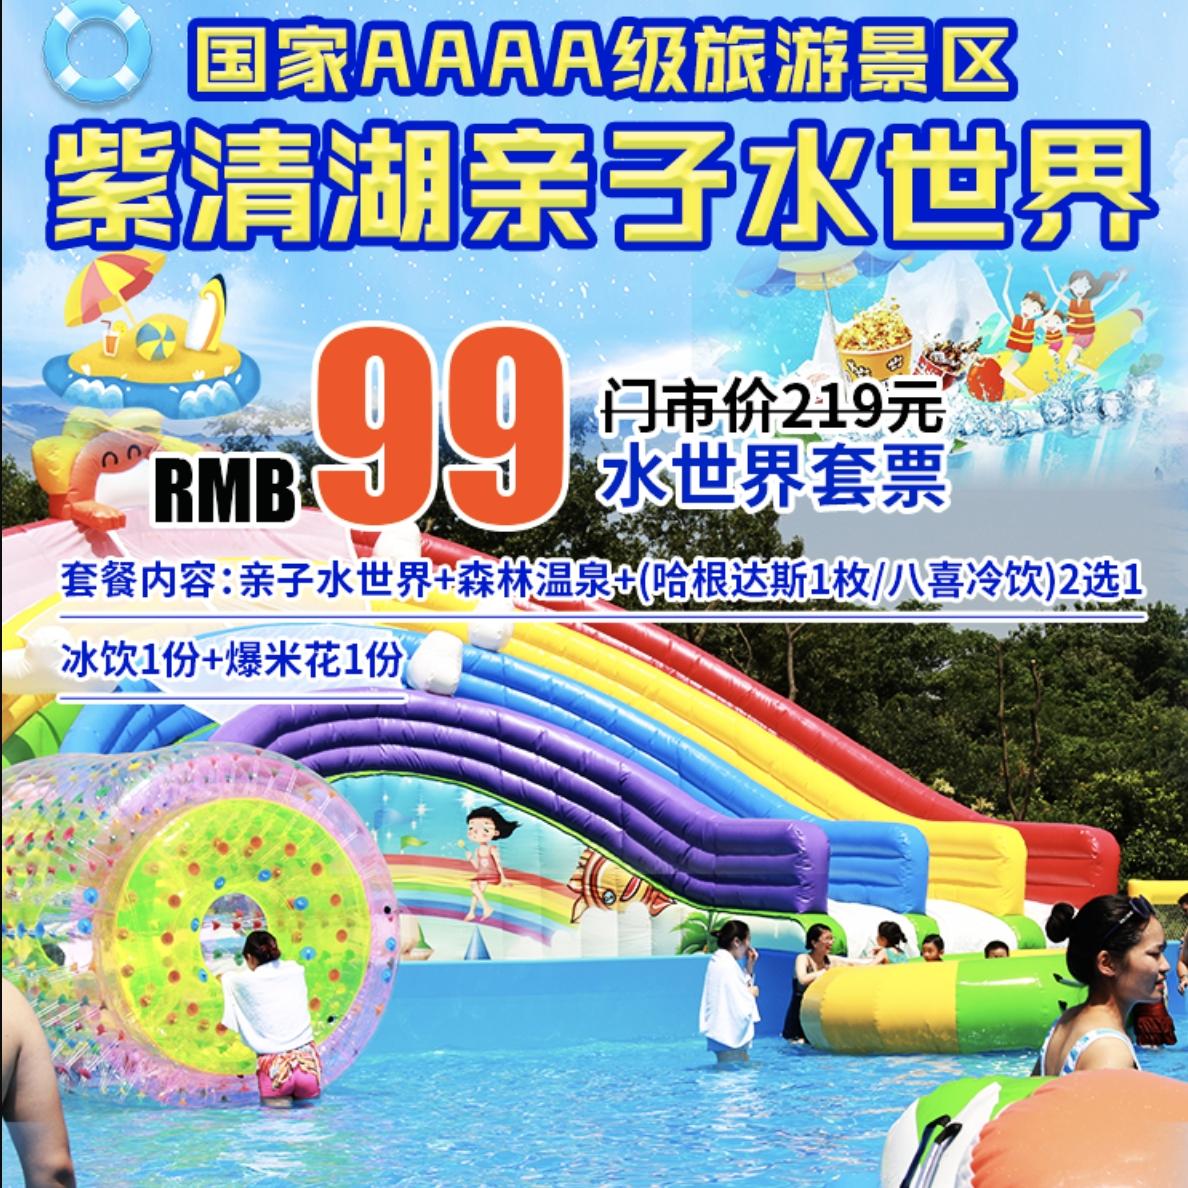 【南京江宁区】汤山·紫清湖森林温泉+亲子水世界套餐